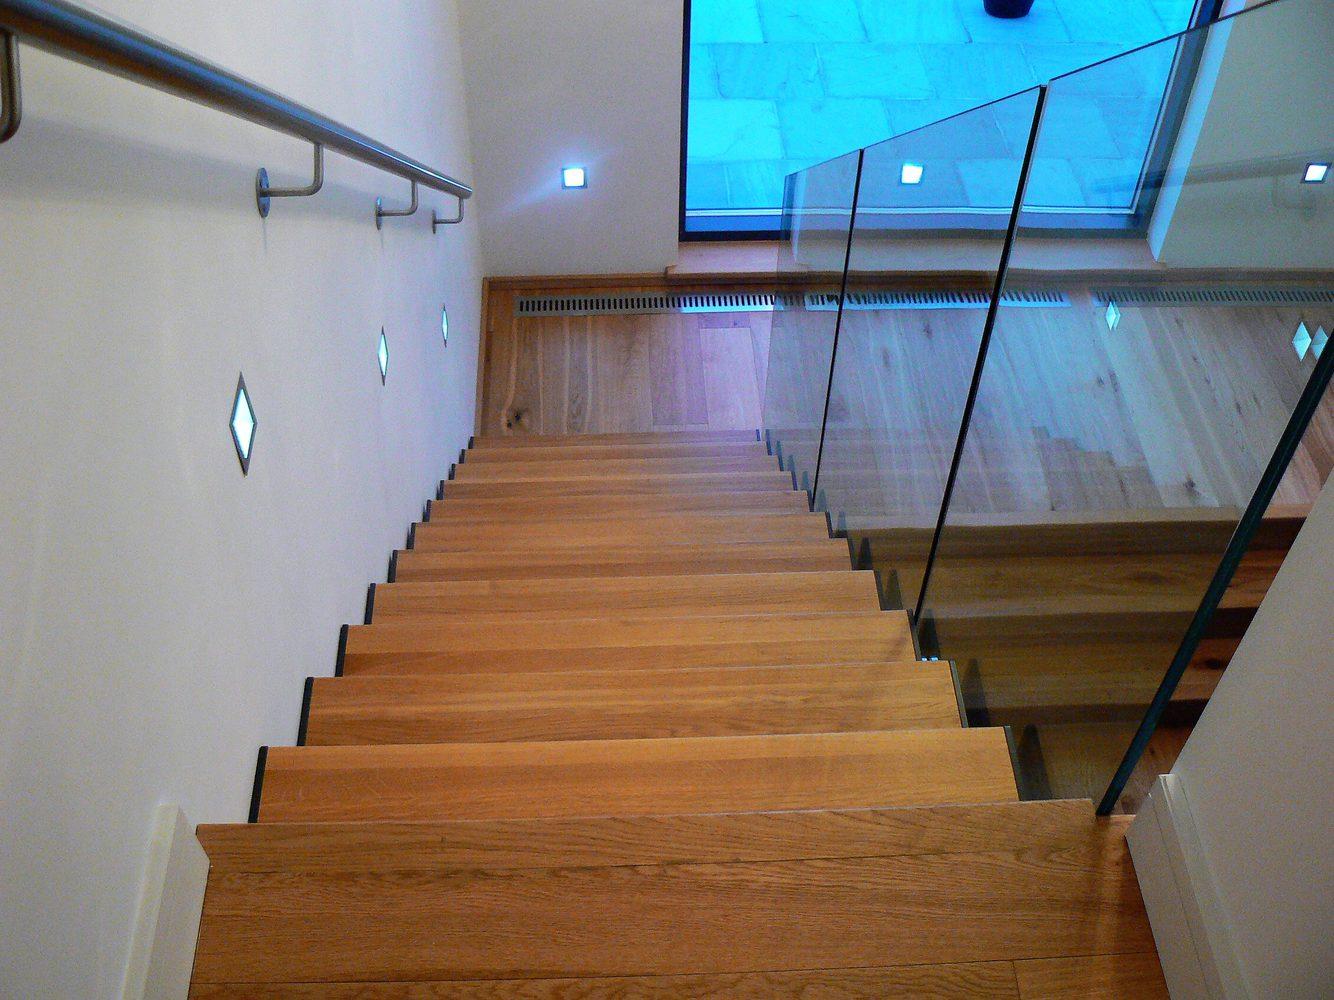 Dettaglio gradini in legno- scalinata a giorno in legno, metallo e vetro